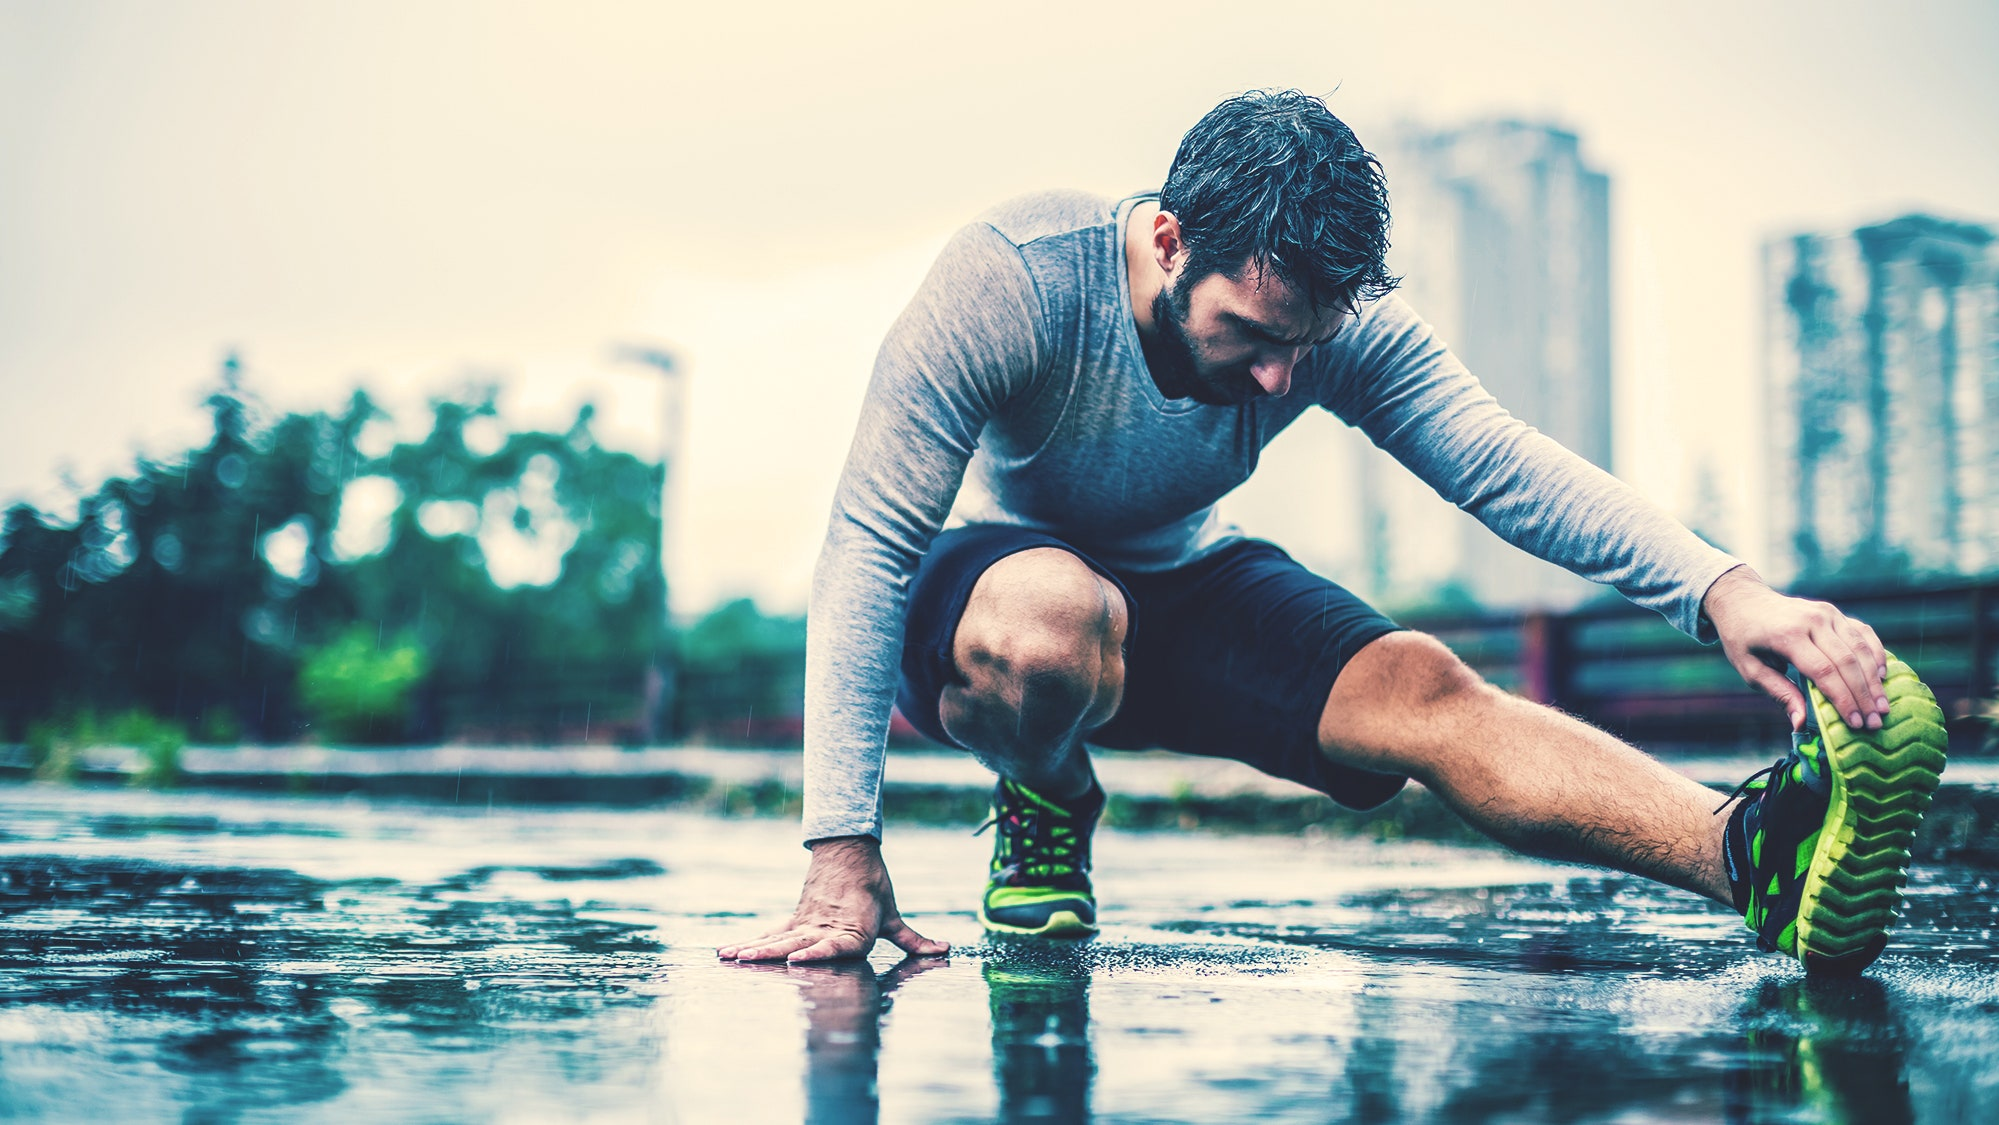 Yağmurda Spor Yapmak İçin İhtiyaçlarınız Nelerdir